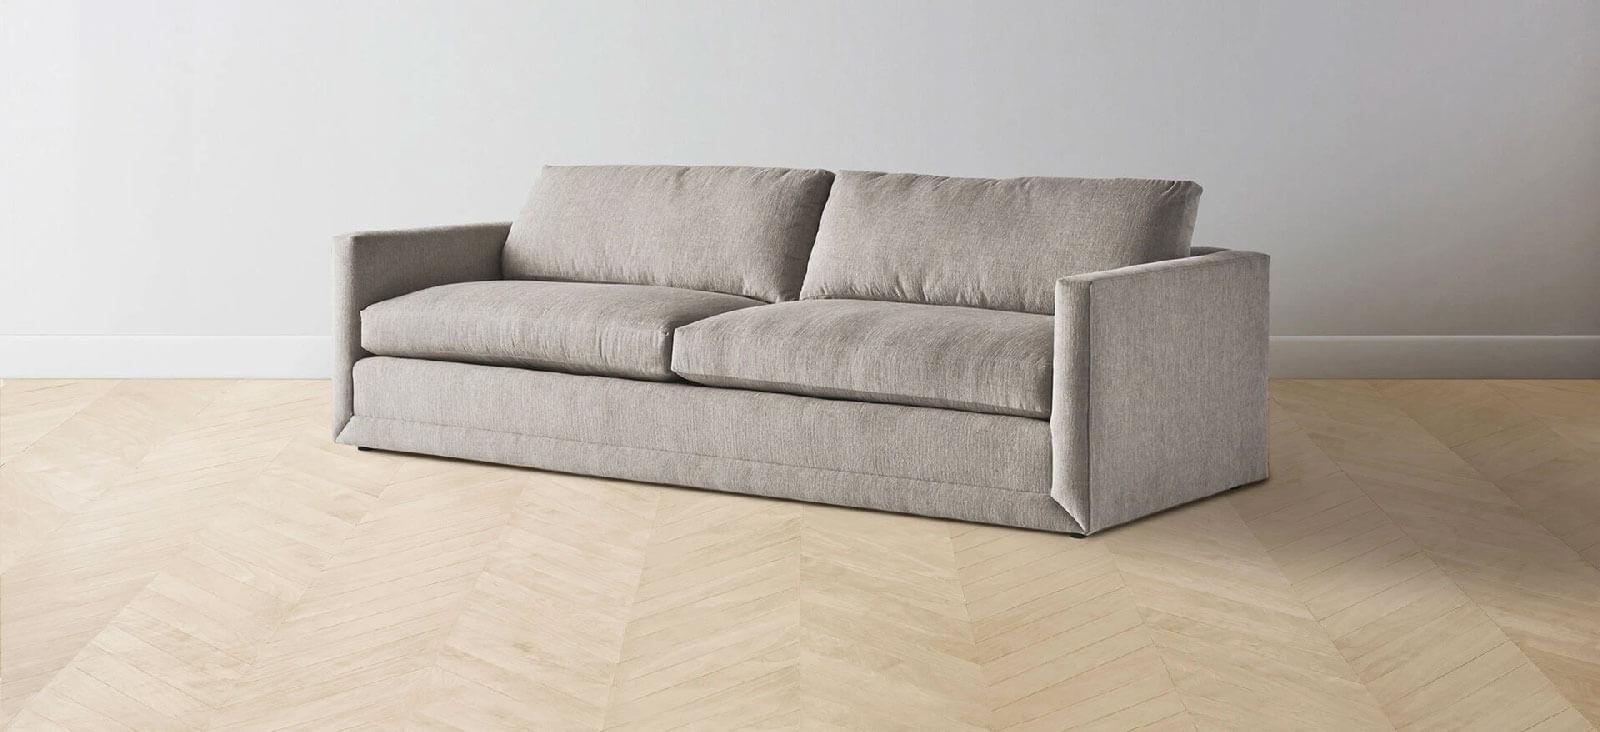 The Warren Sofa